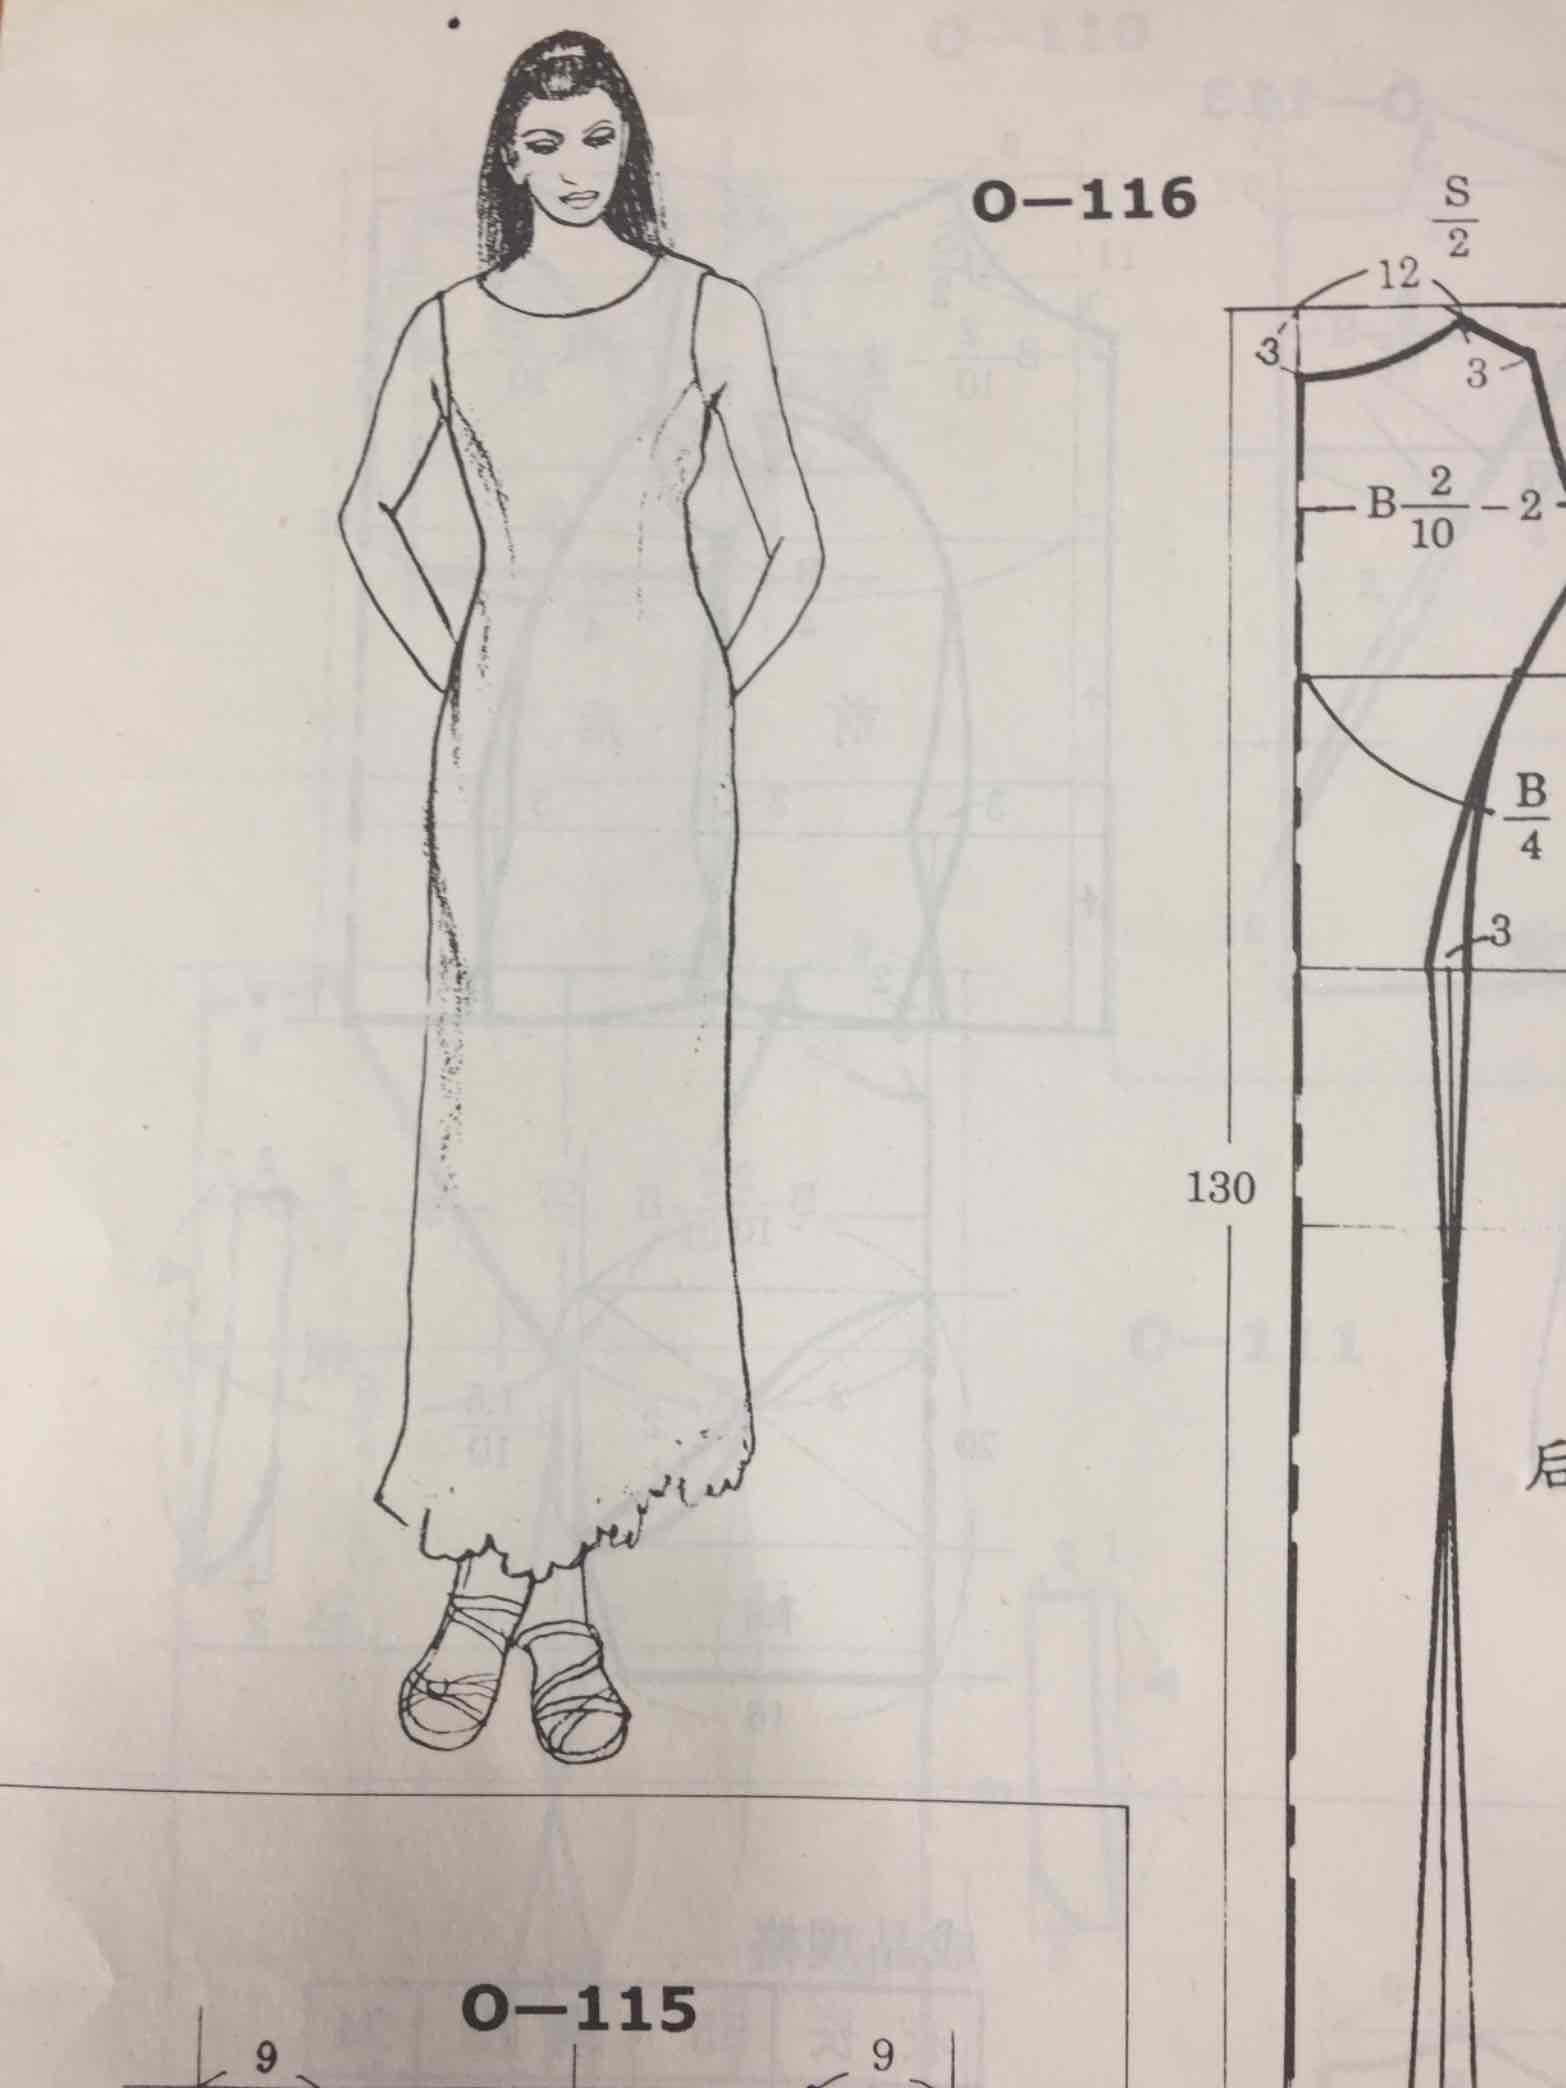 连衣裙裁剪图_长款连衣裙裁剪图 - 服装图纸 布流行手工网